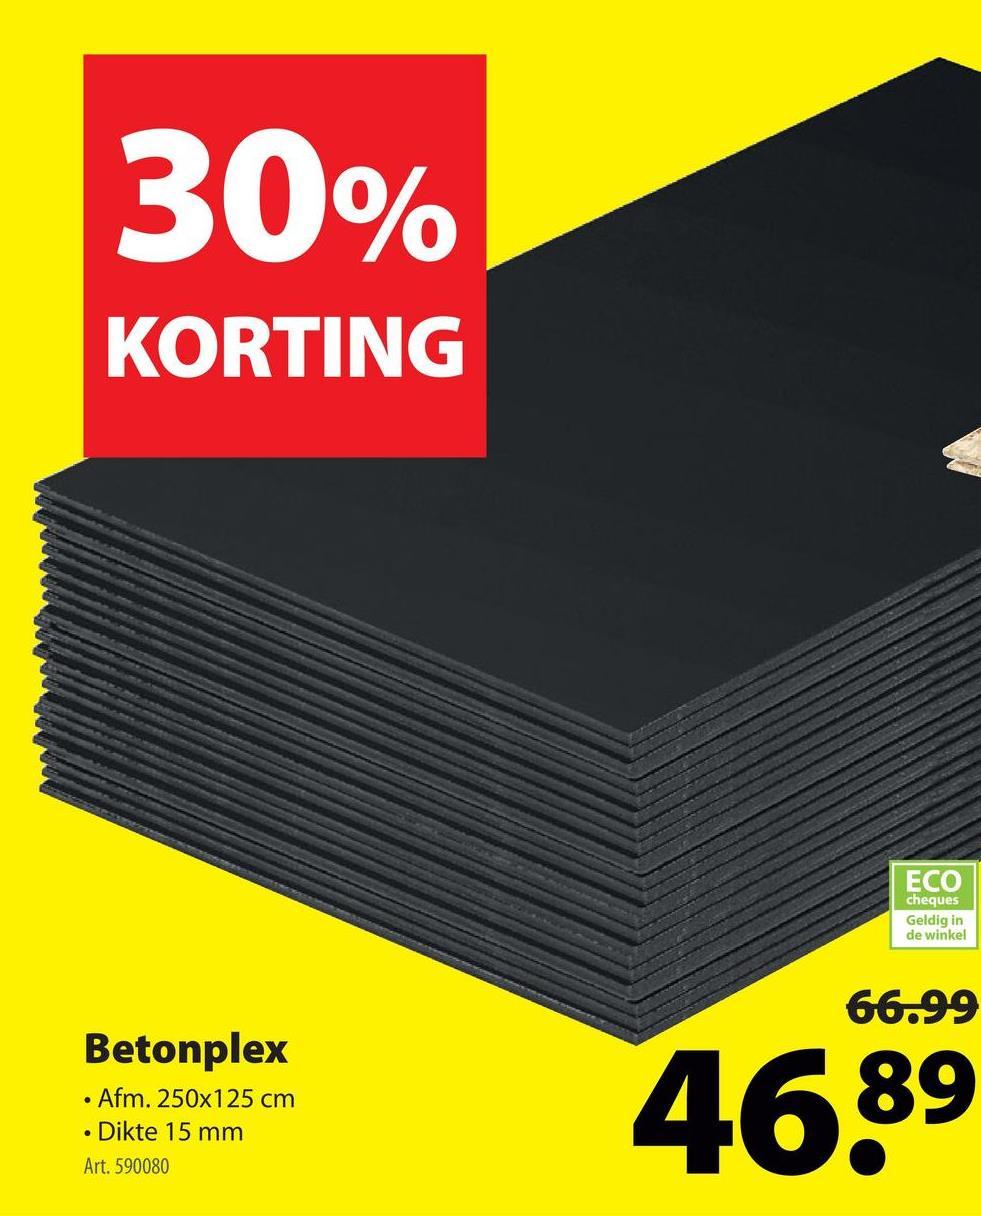 30% KORTING ECO cheques Geldig in de winkel 66.99 Betonplex • Afm. 250x125 cm • Dikte 15 mm Art. 590080 Betonplex 4639